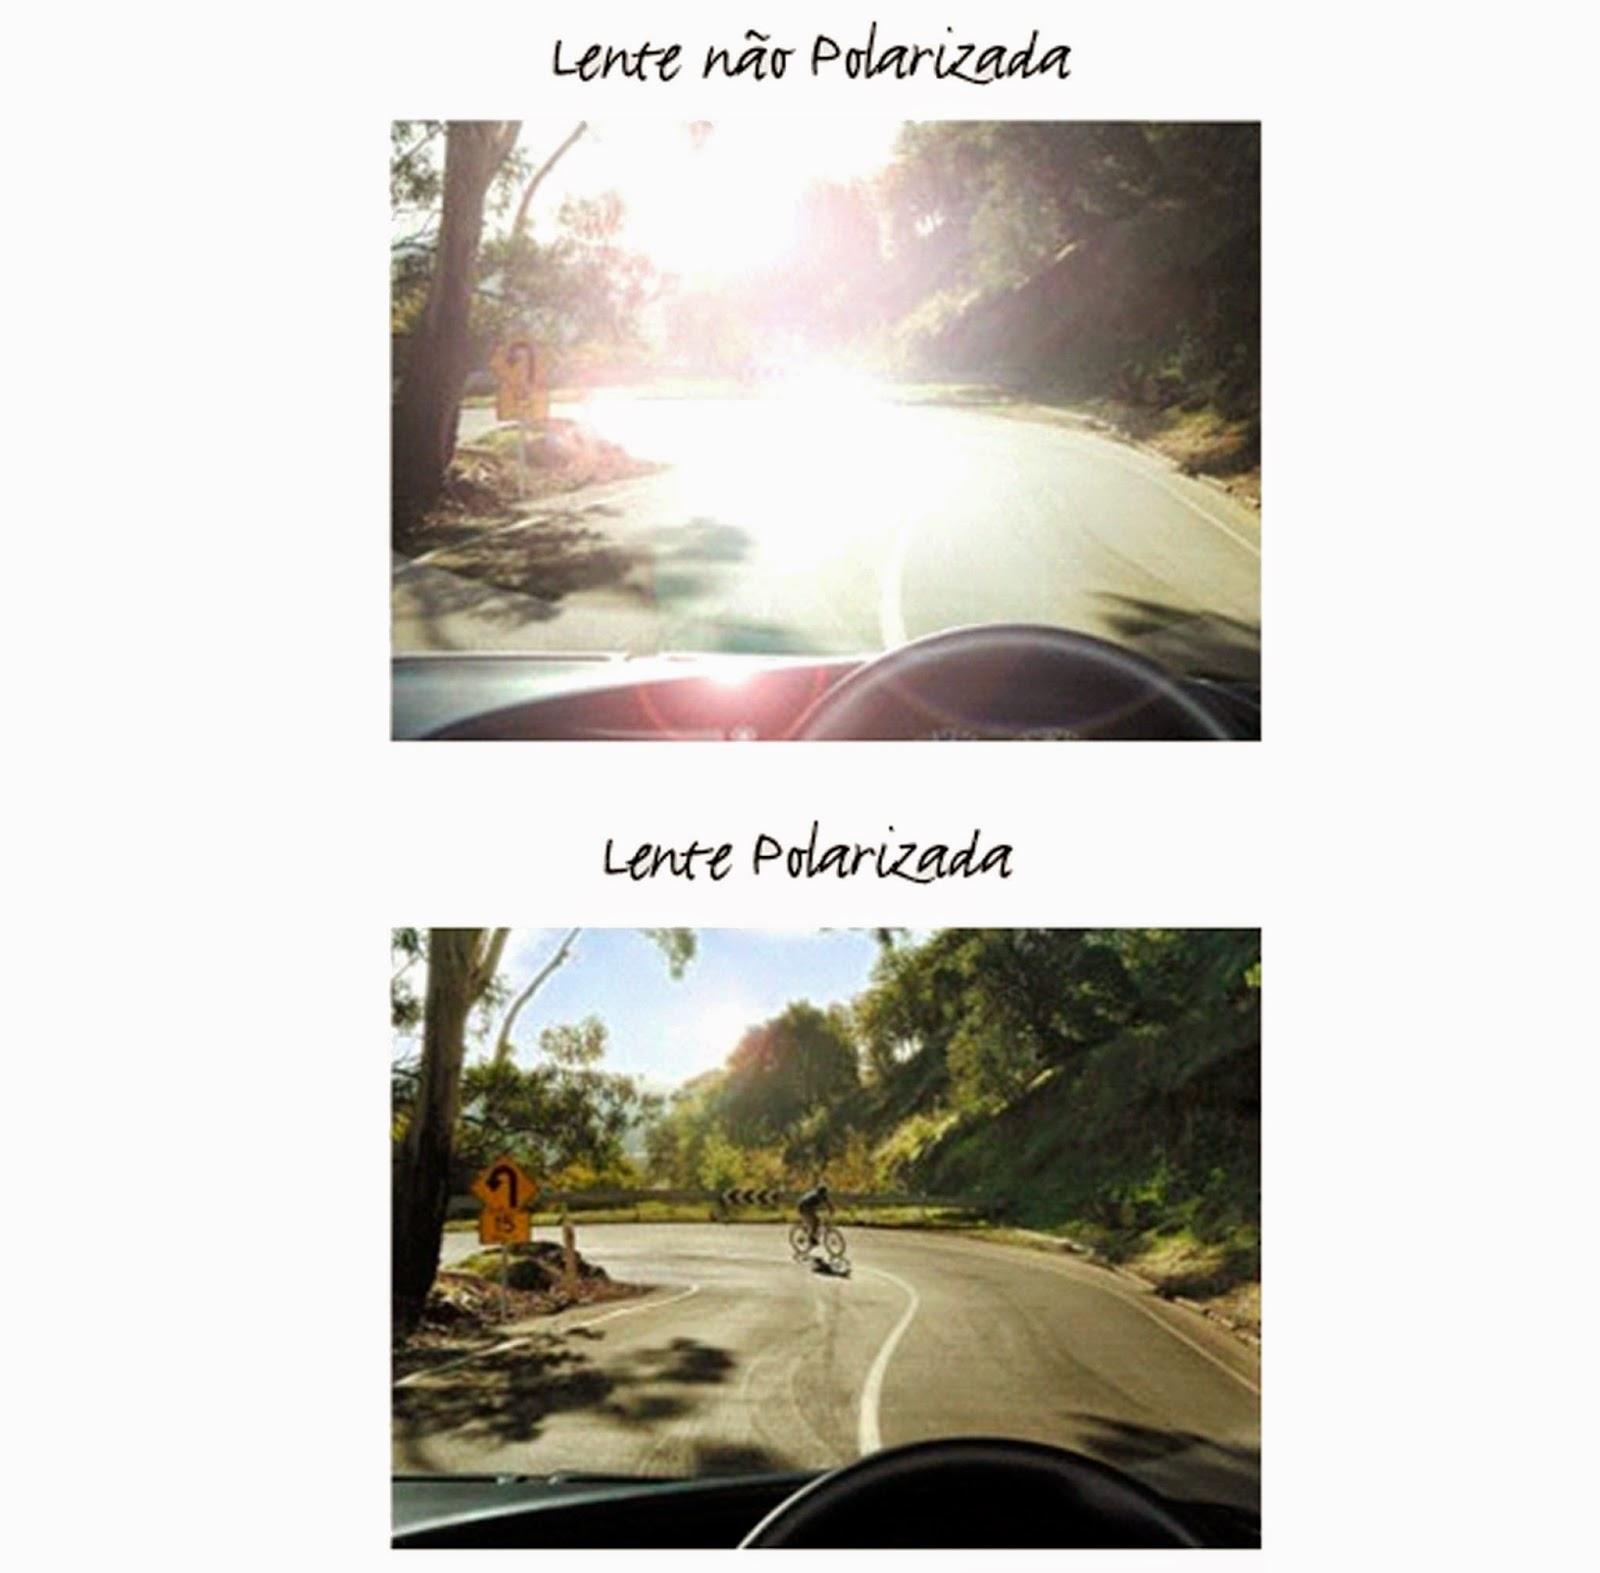 4620fd61dacfc Lentes polarizadas são melhor opção para óculos de sol